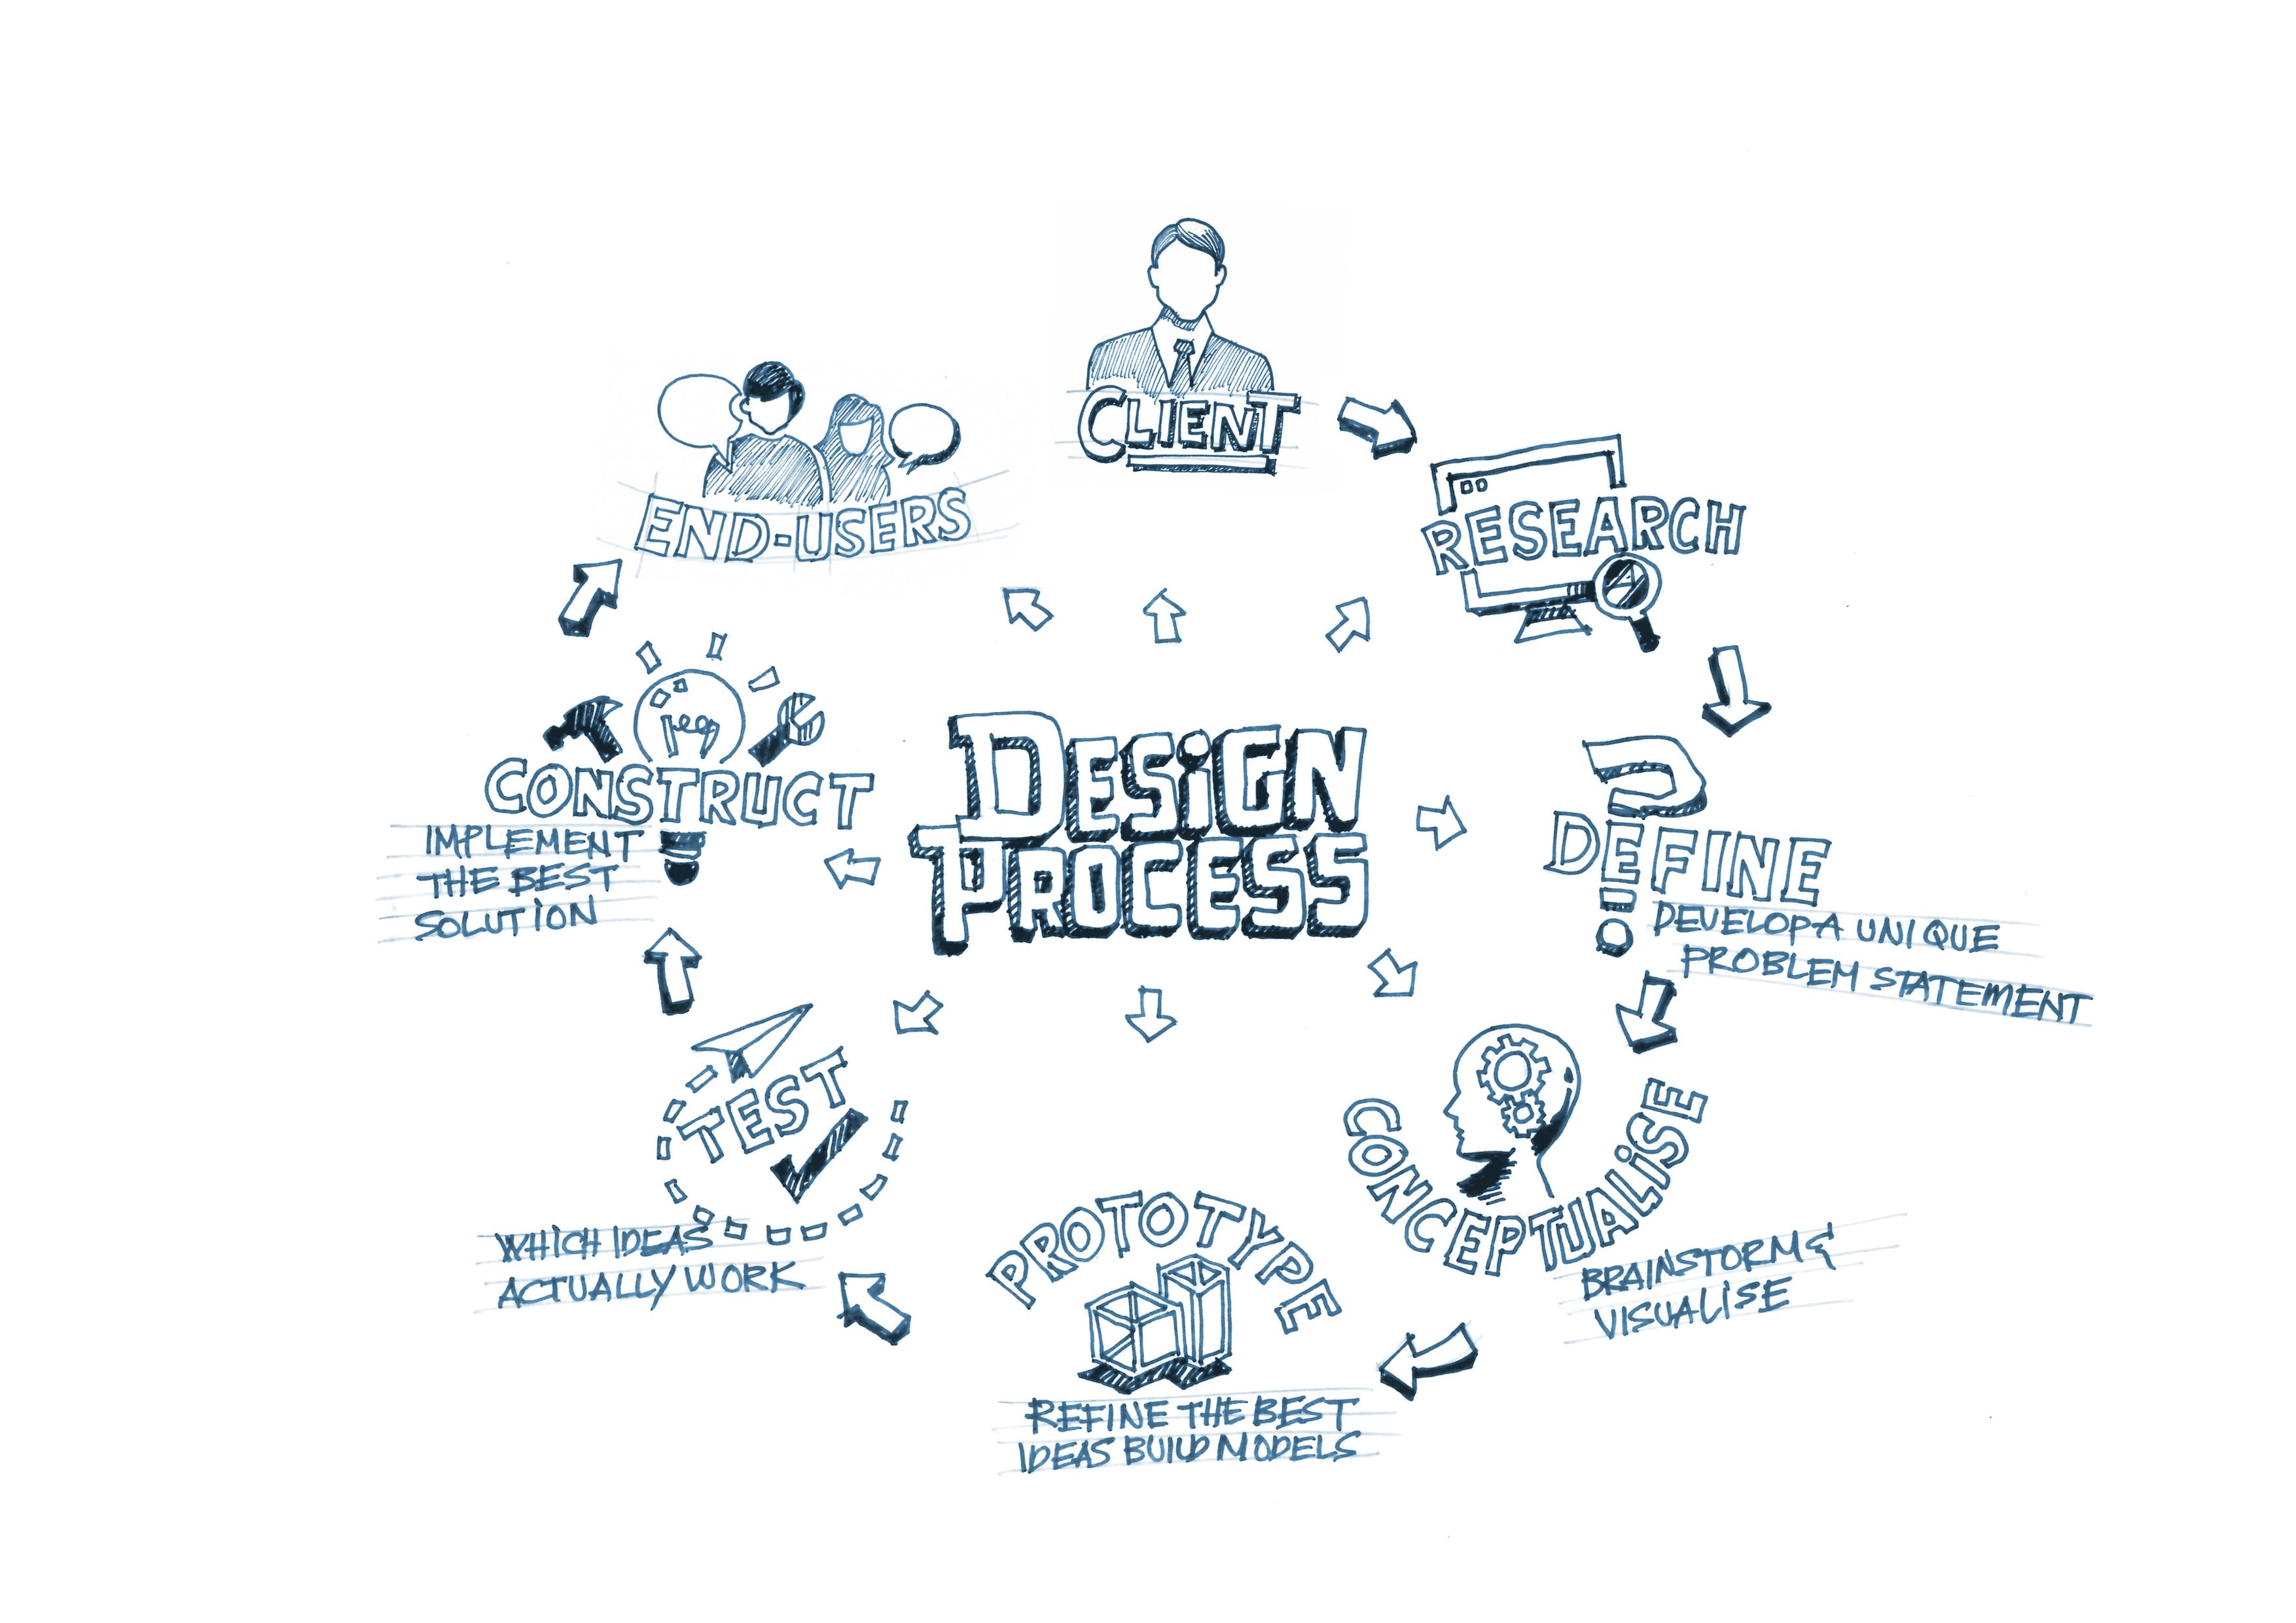 The Design Process In Architecture And Interior Design